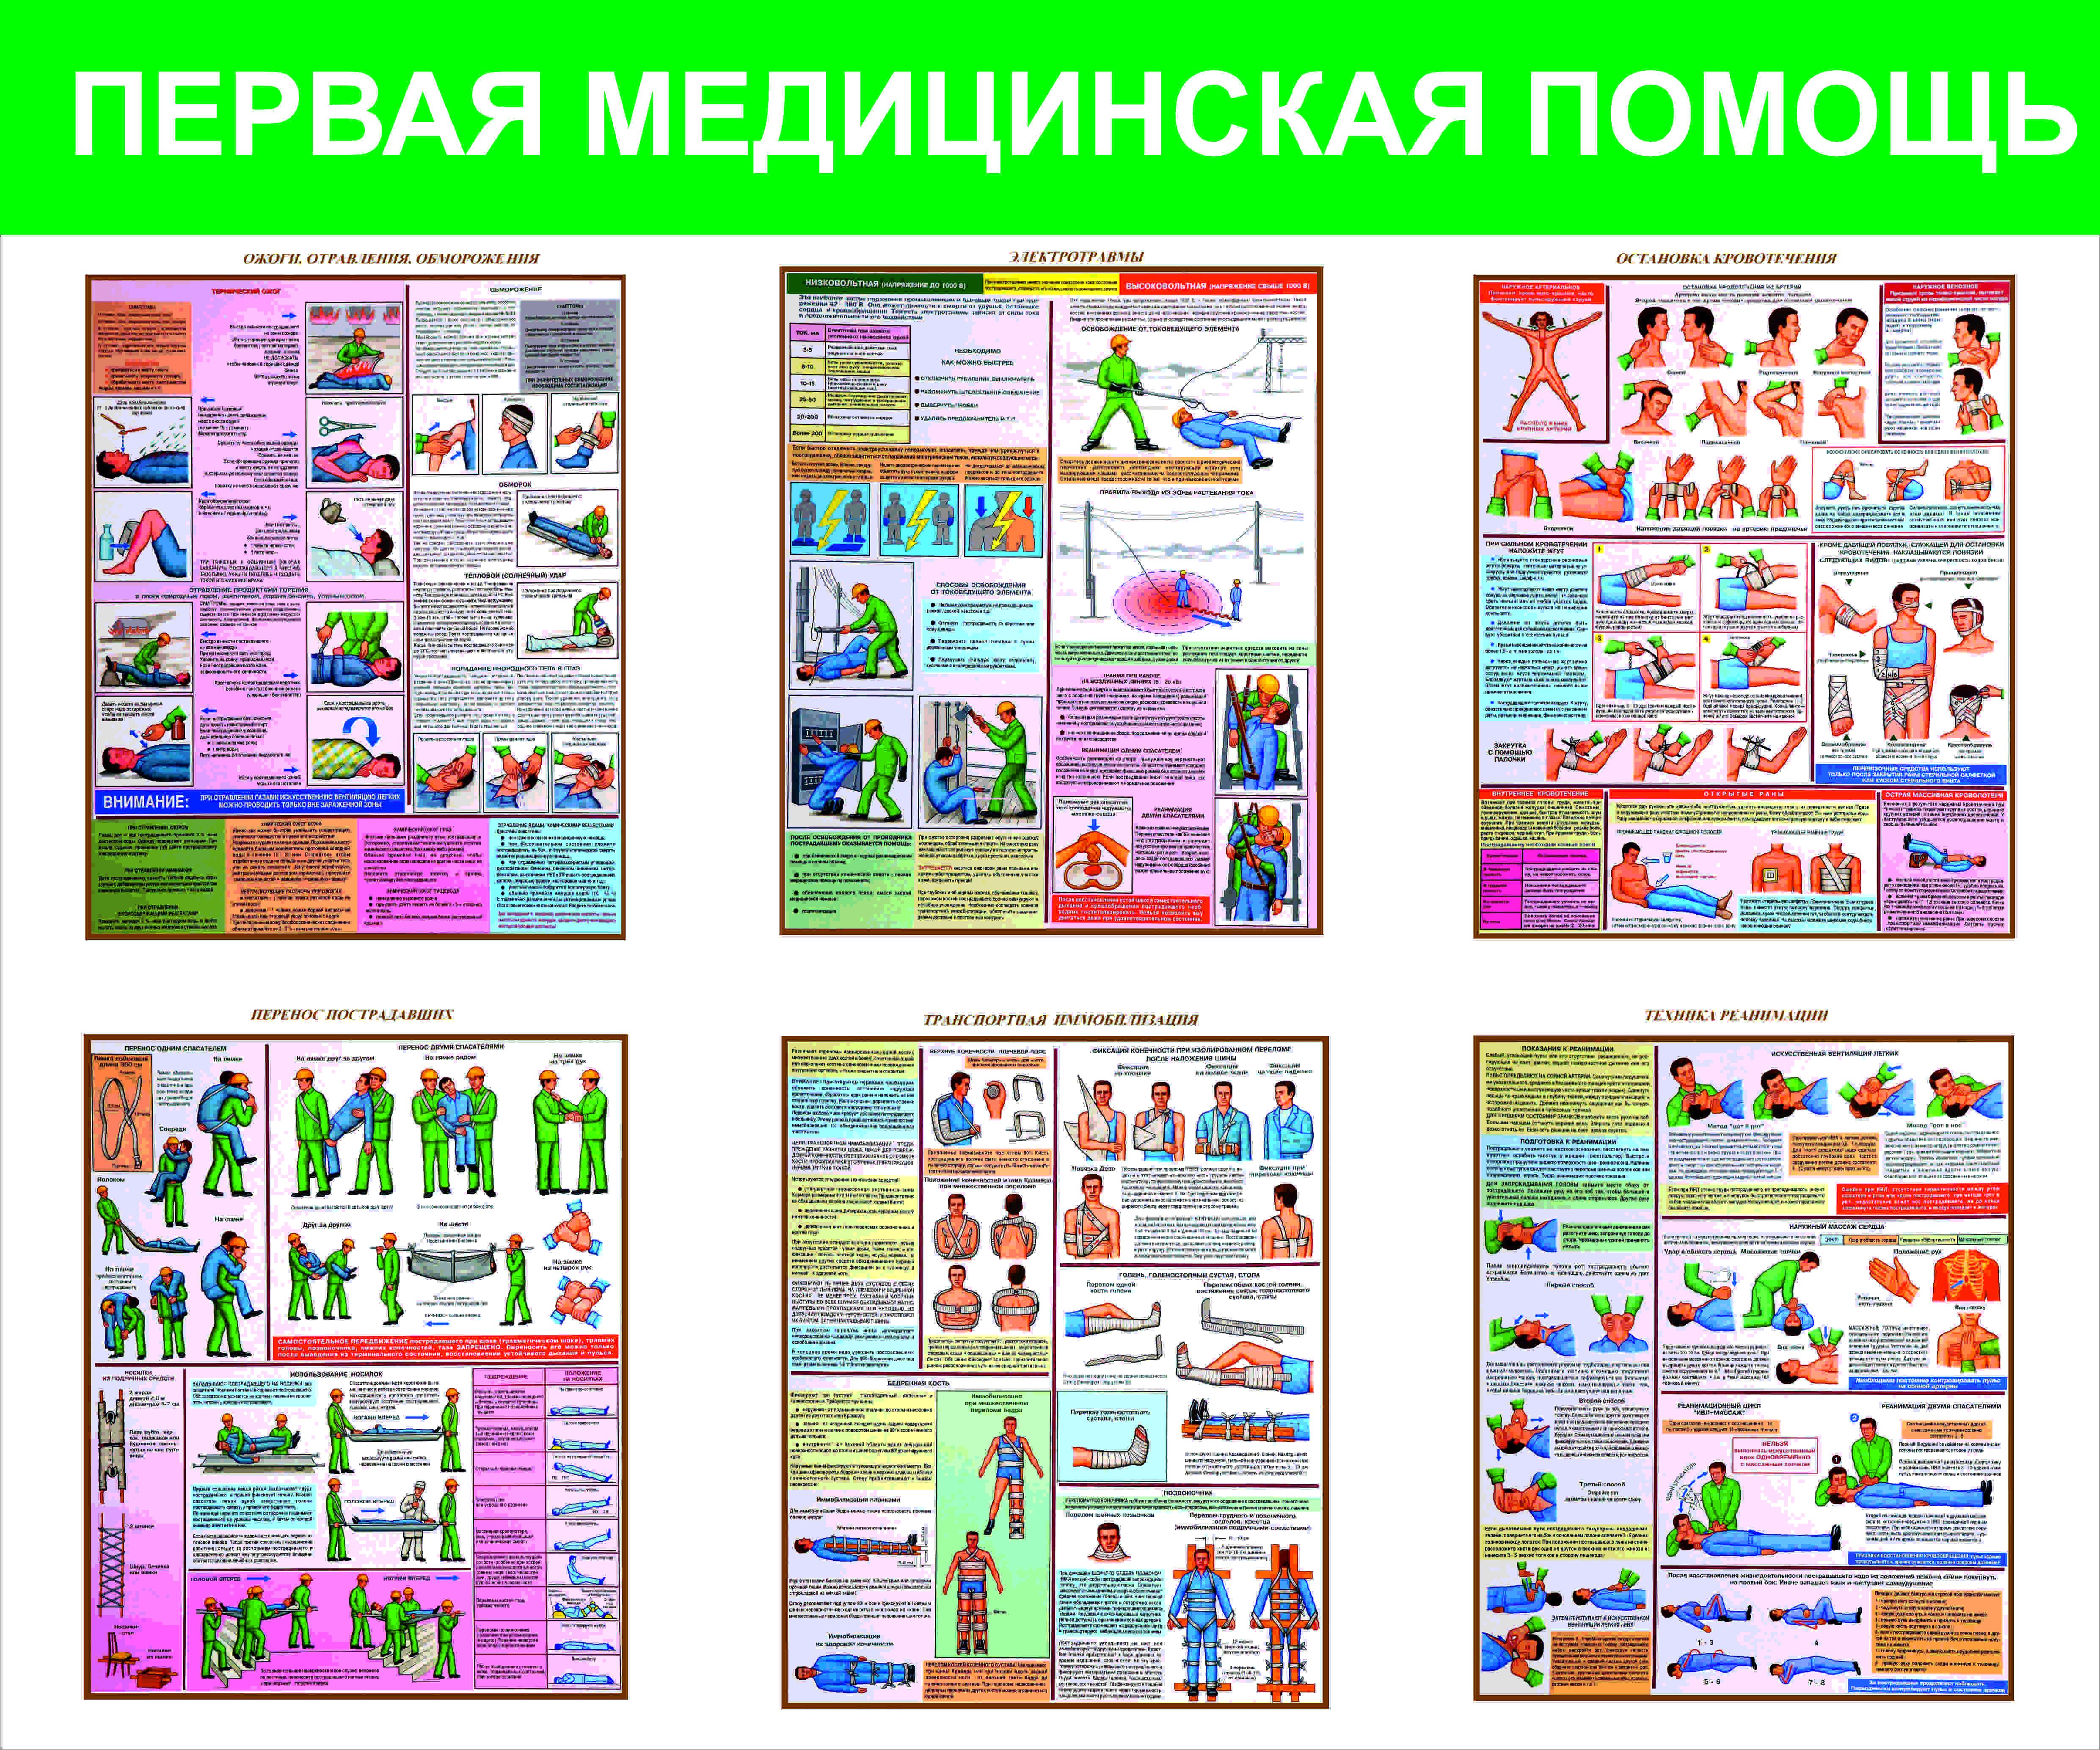 Инструкция по охране труда в медицинских учреждениях